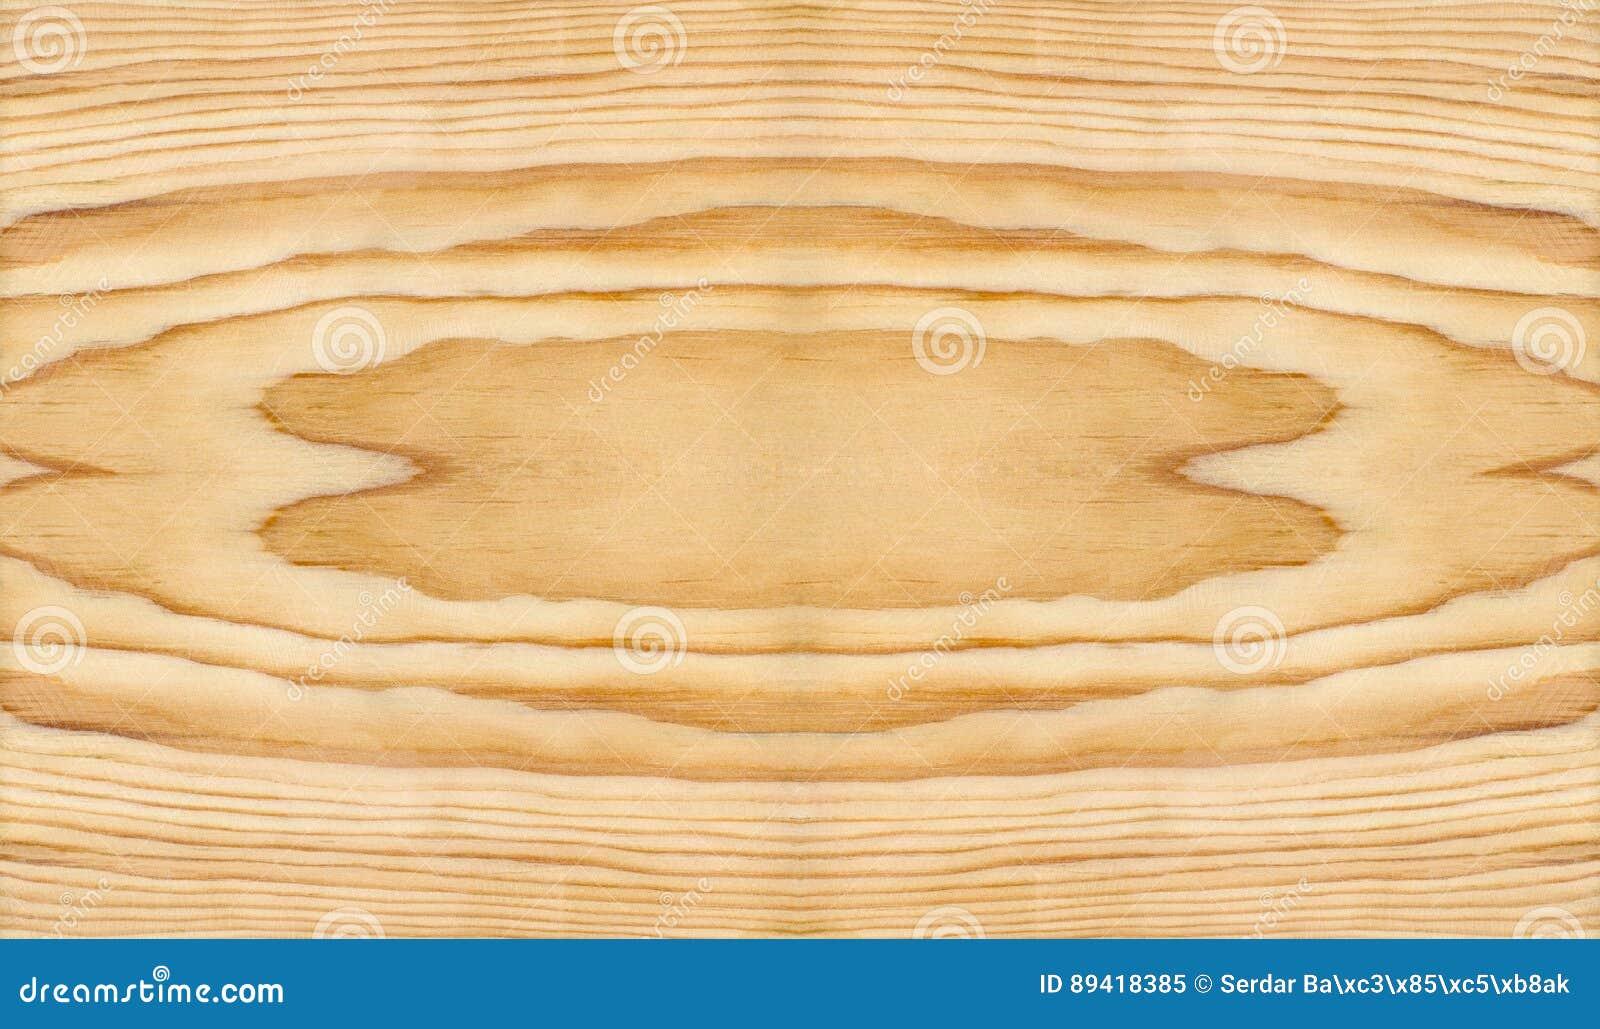 Textura de madeira do pinho